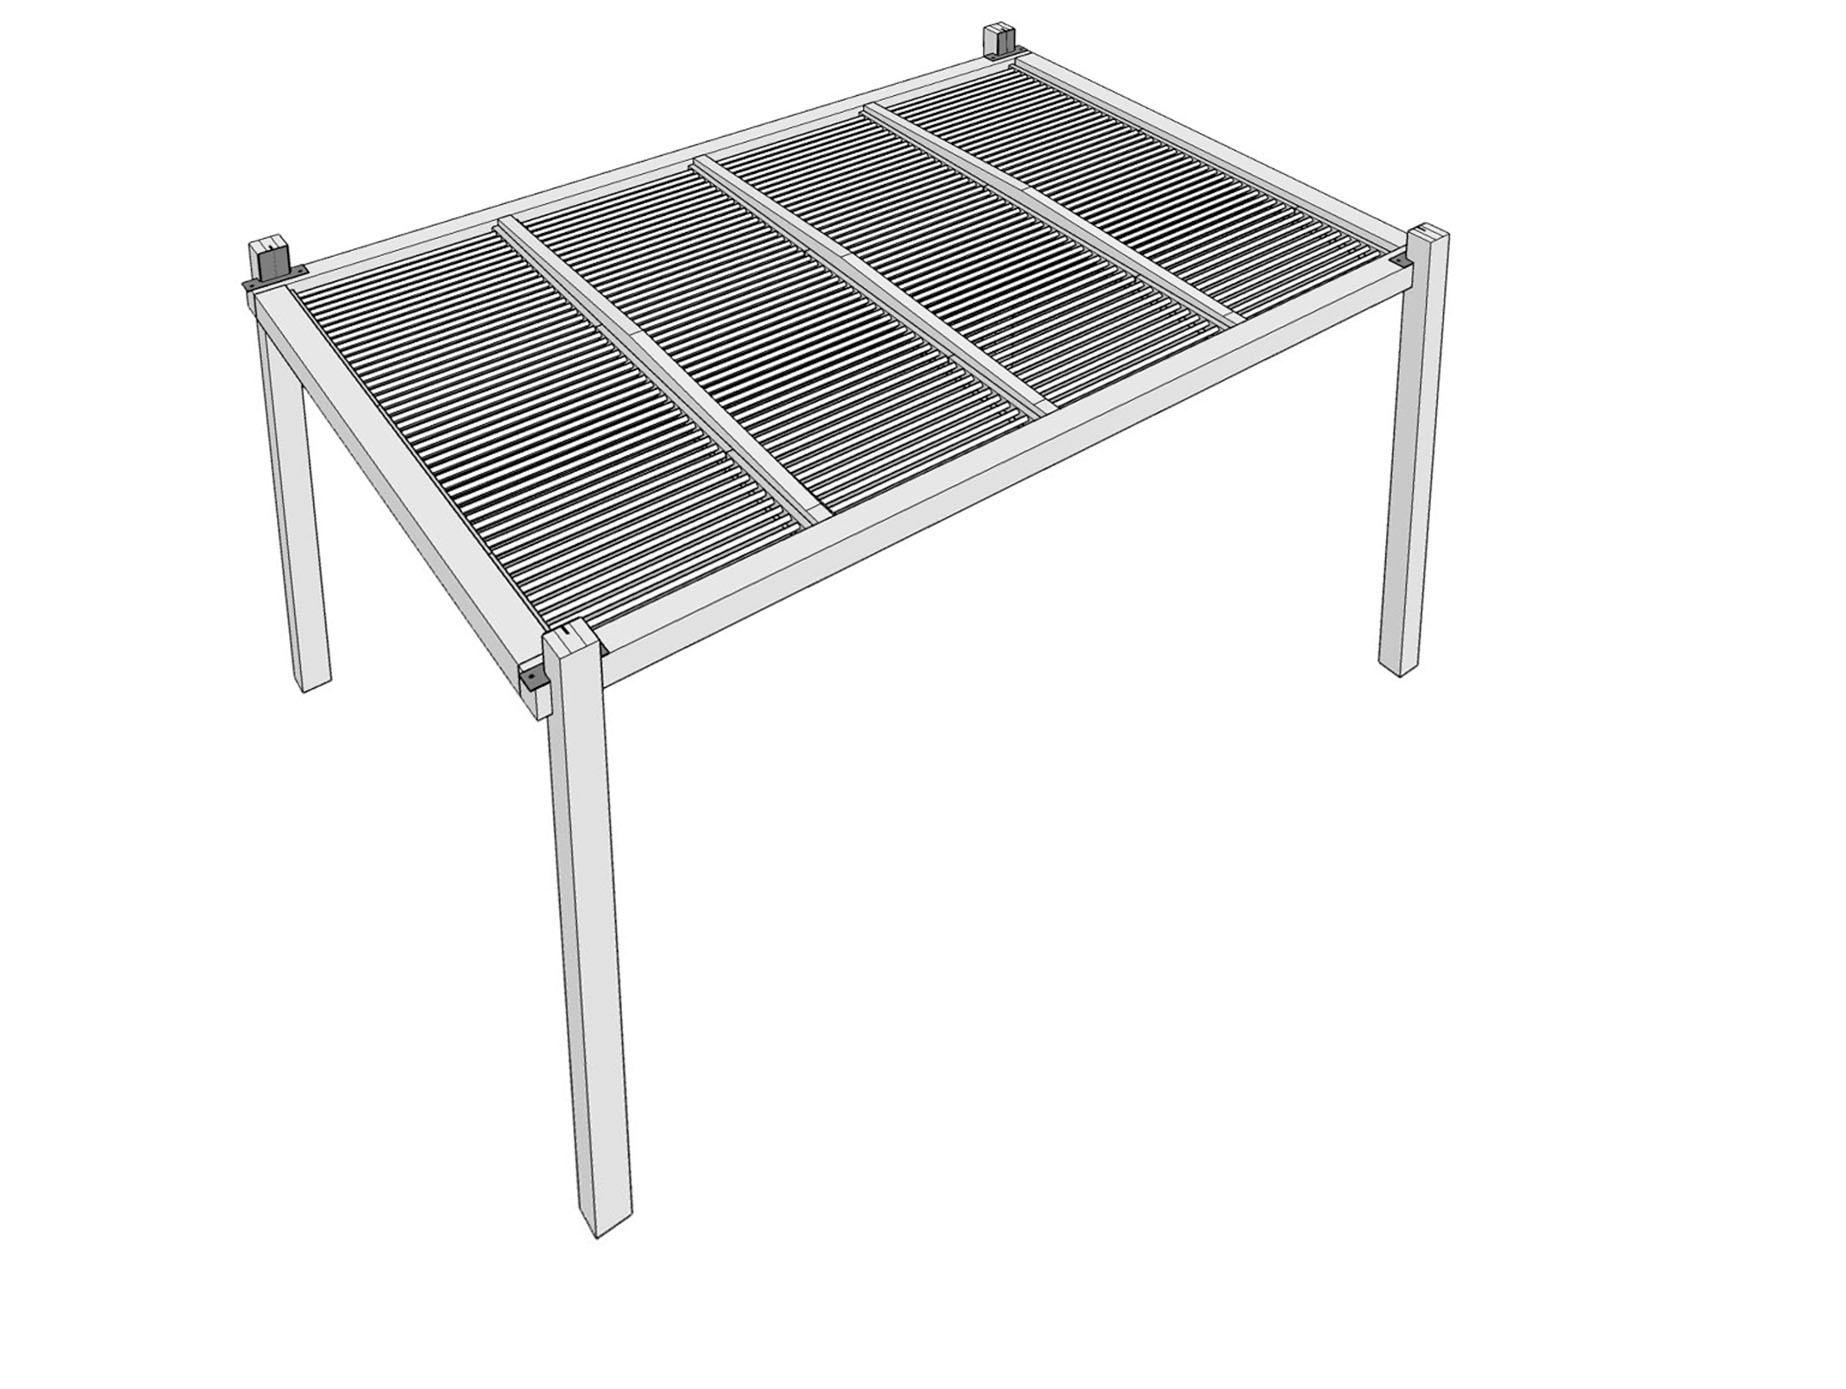 Gardival | Luna basis met dakpanelen, rondom open | 300x300 cm